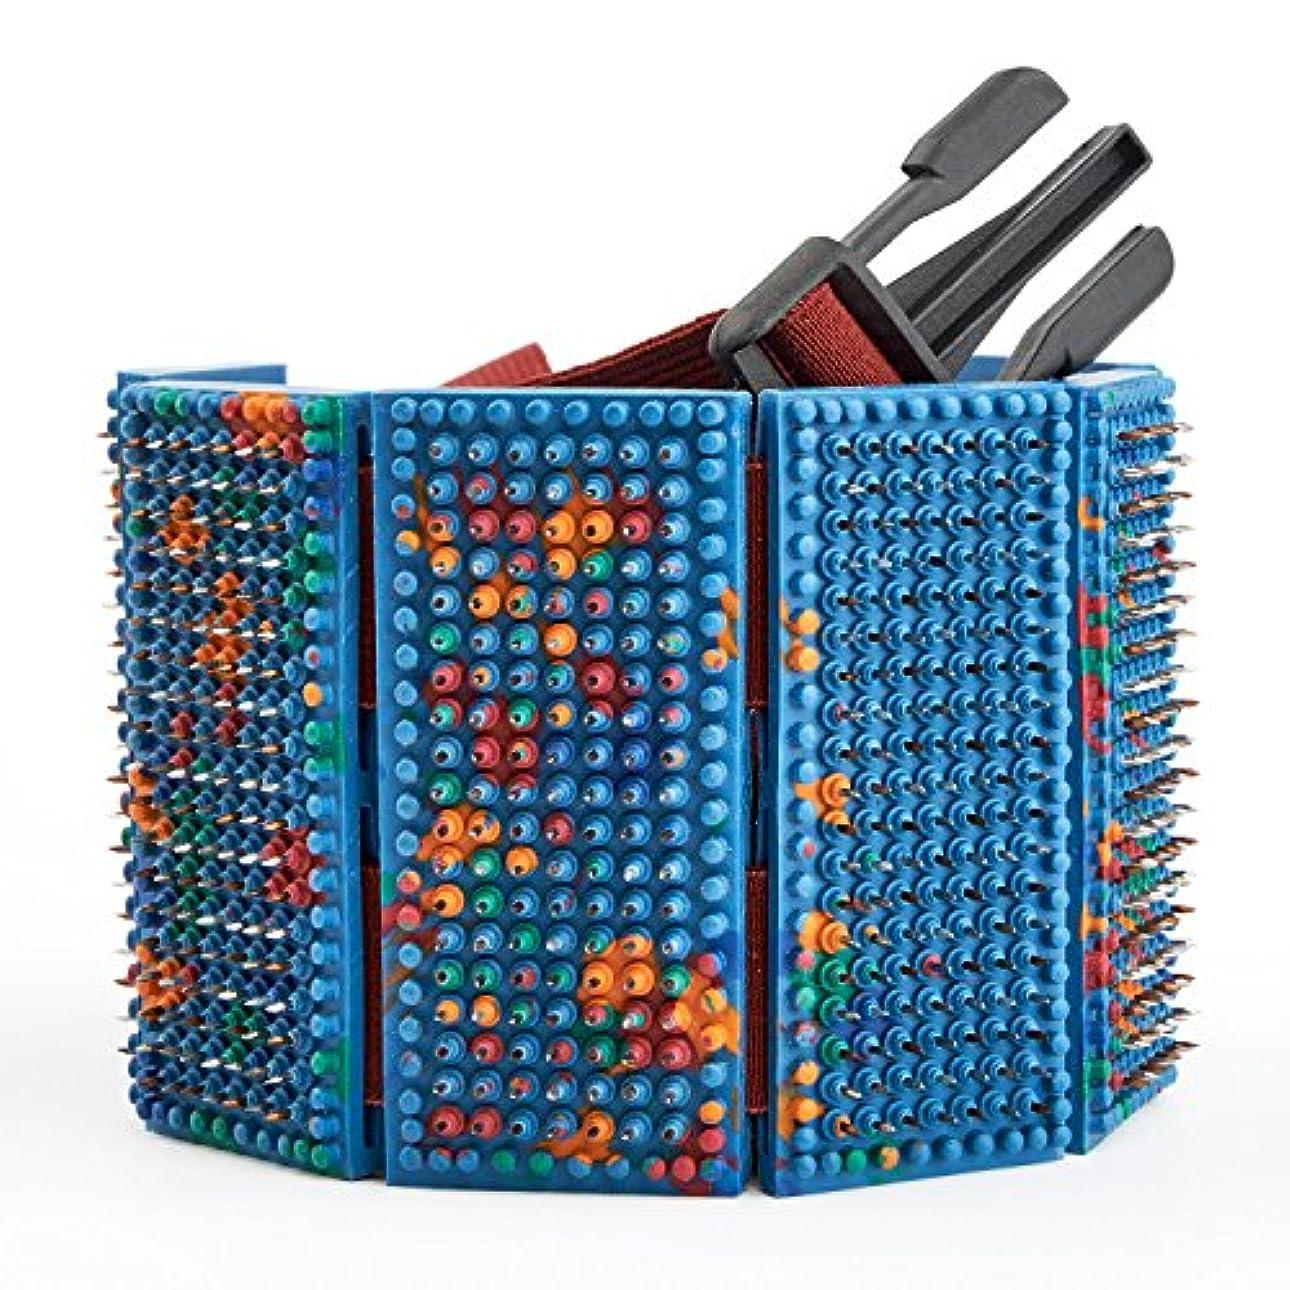 津波ピラミッドまどろみのあるLYAPKO Acupuncture Belt KID 3.5 Ag 960 Needles 6 Plates with 2 Adjustable Belts. Premium Acupressure Massager...